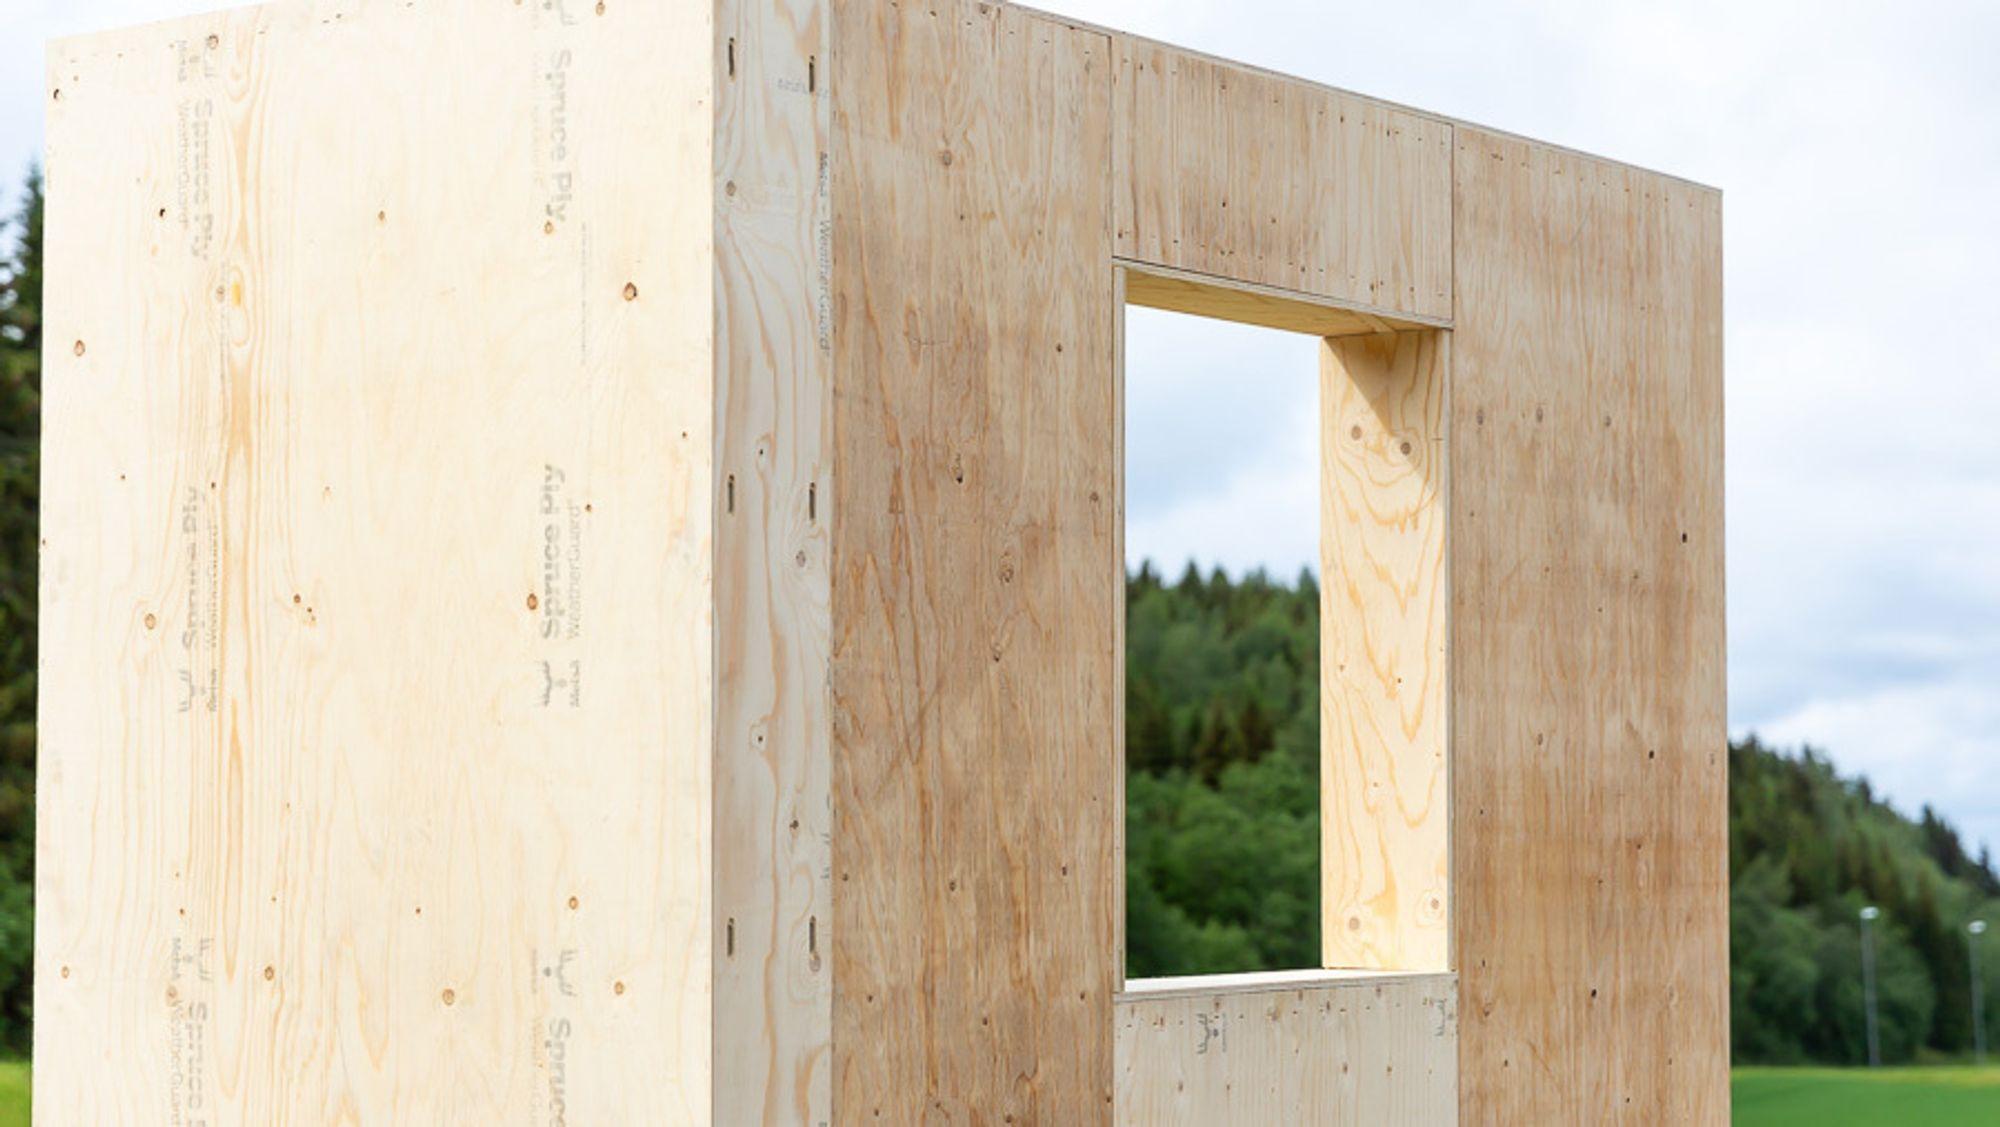 Planen er at modulene skal masseproduseres på en ny fabrikk i Trøndelag.